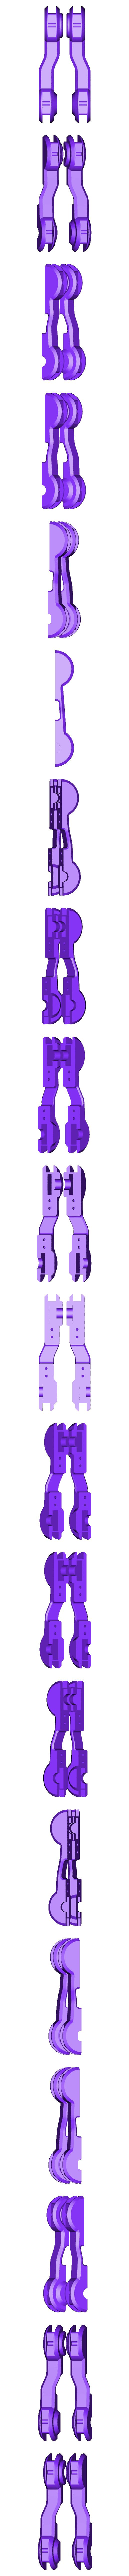 ArmExtension_Left_01_Silver.stl Download STL file Heavy Gun Walker • 3D print design, Jwoong